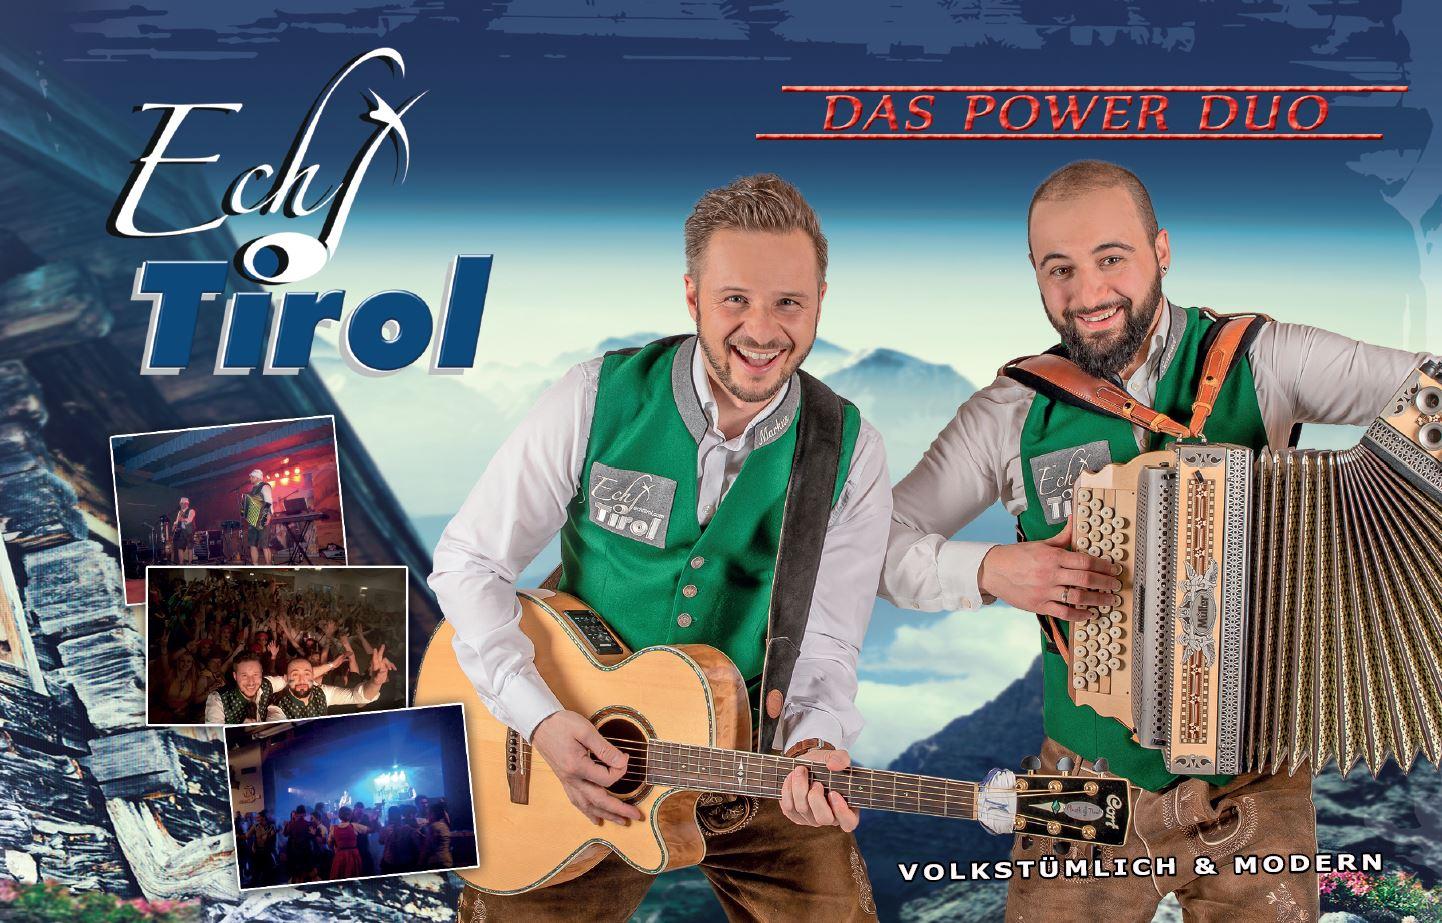 Power DUO Echt Tirol 2021